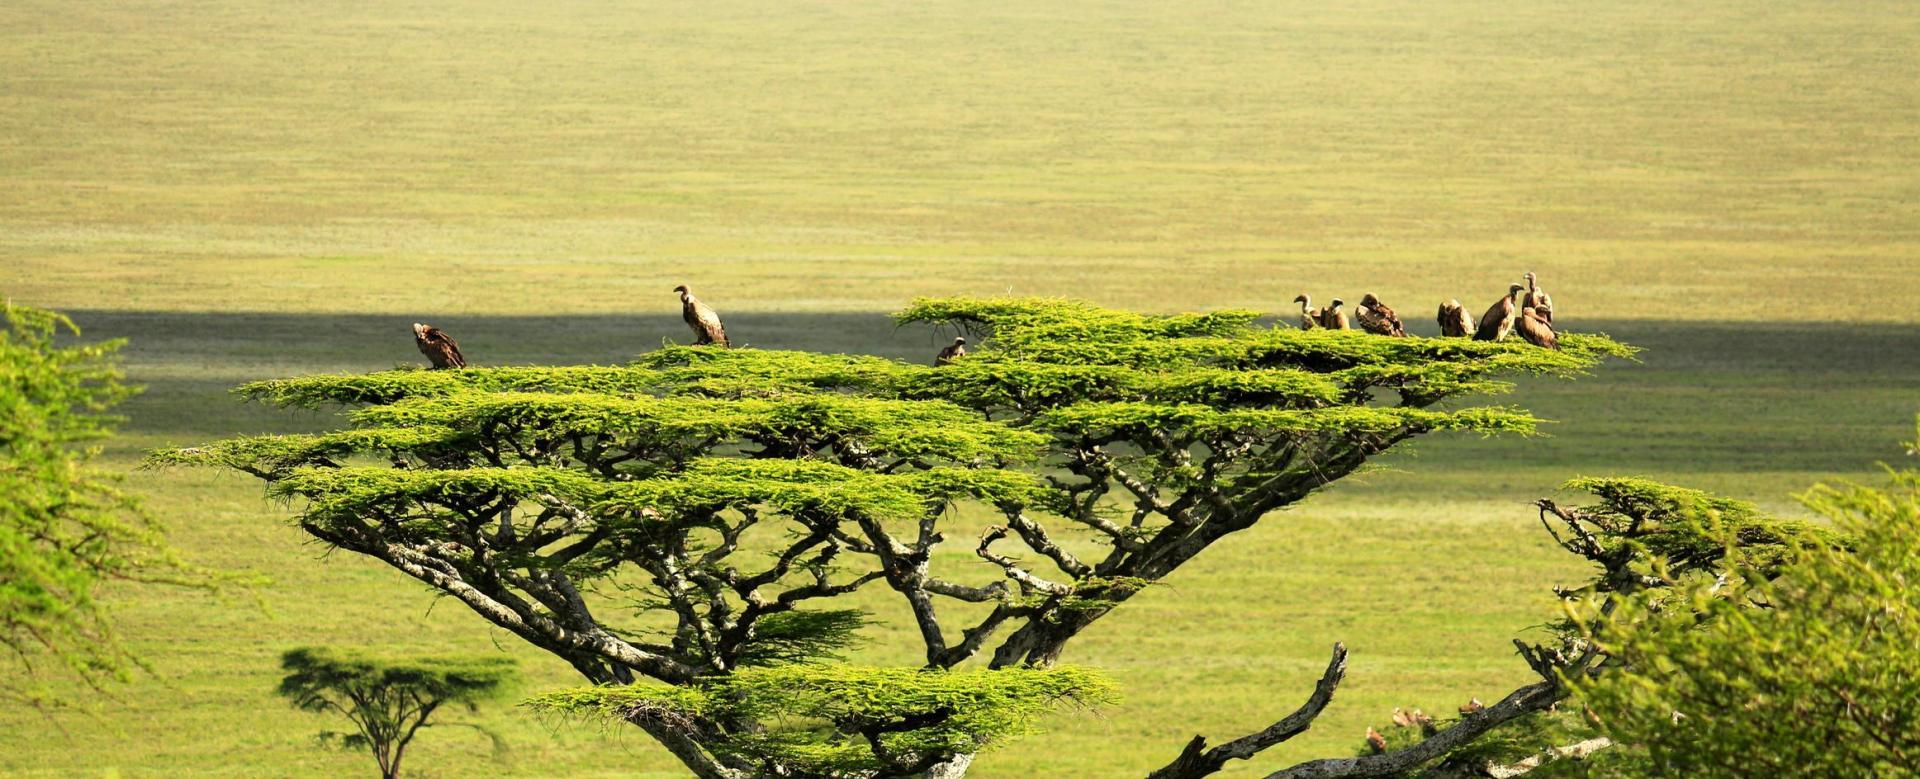 Voyage avec des animaux : Au coeur de la savane tanzanienne